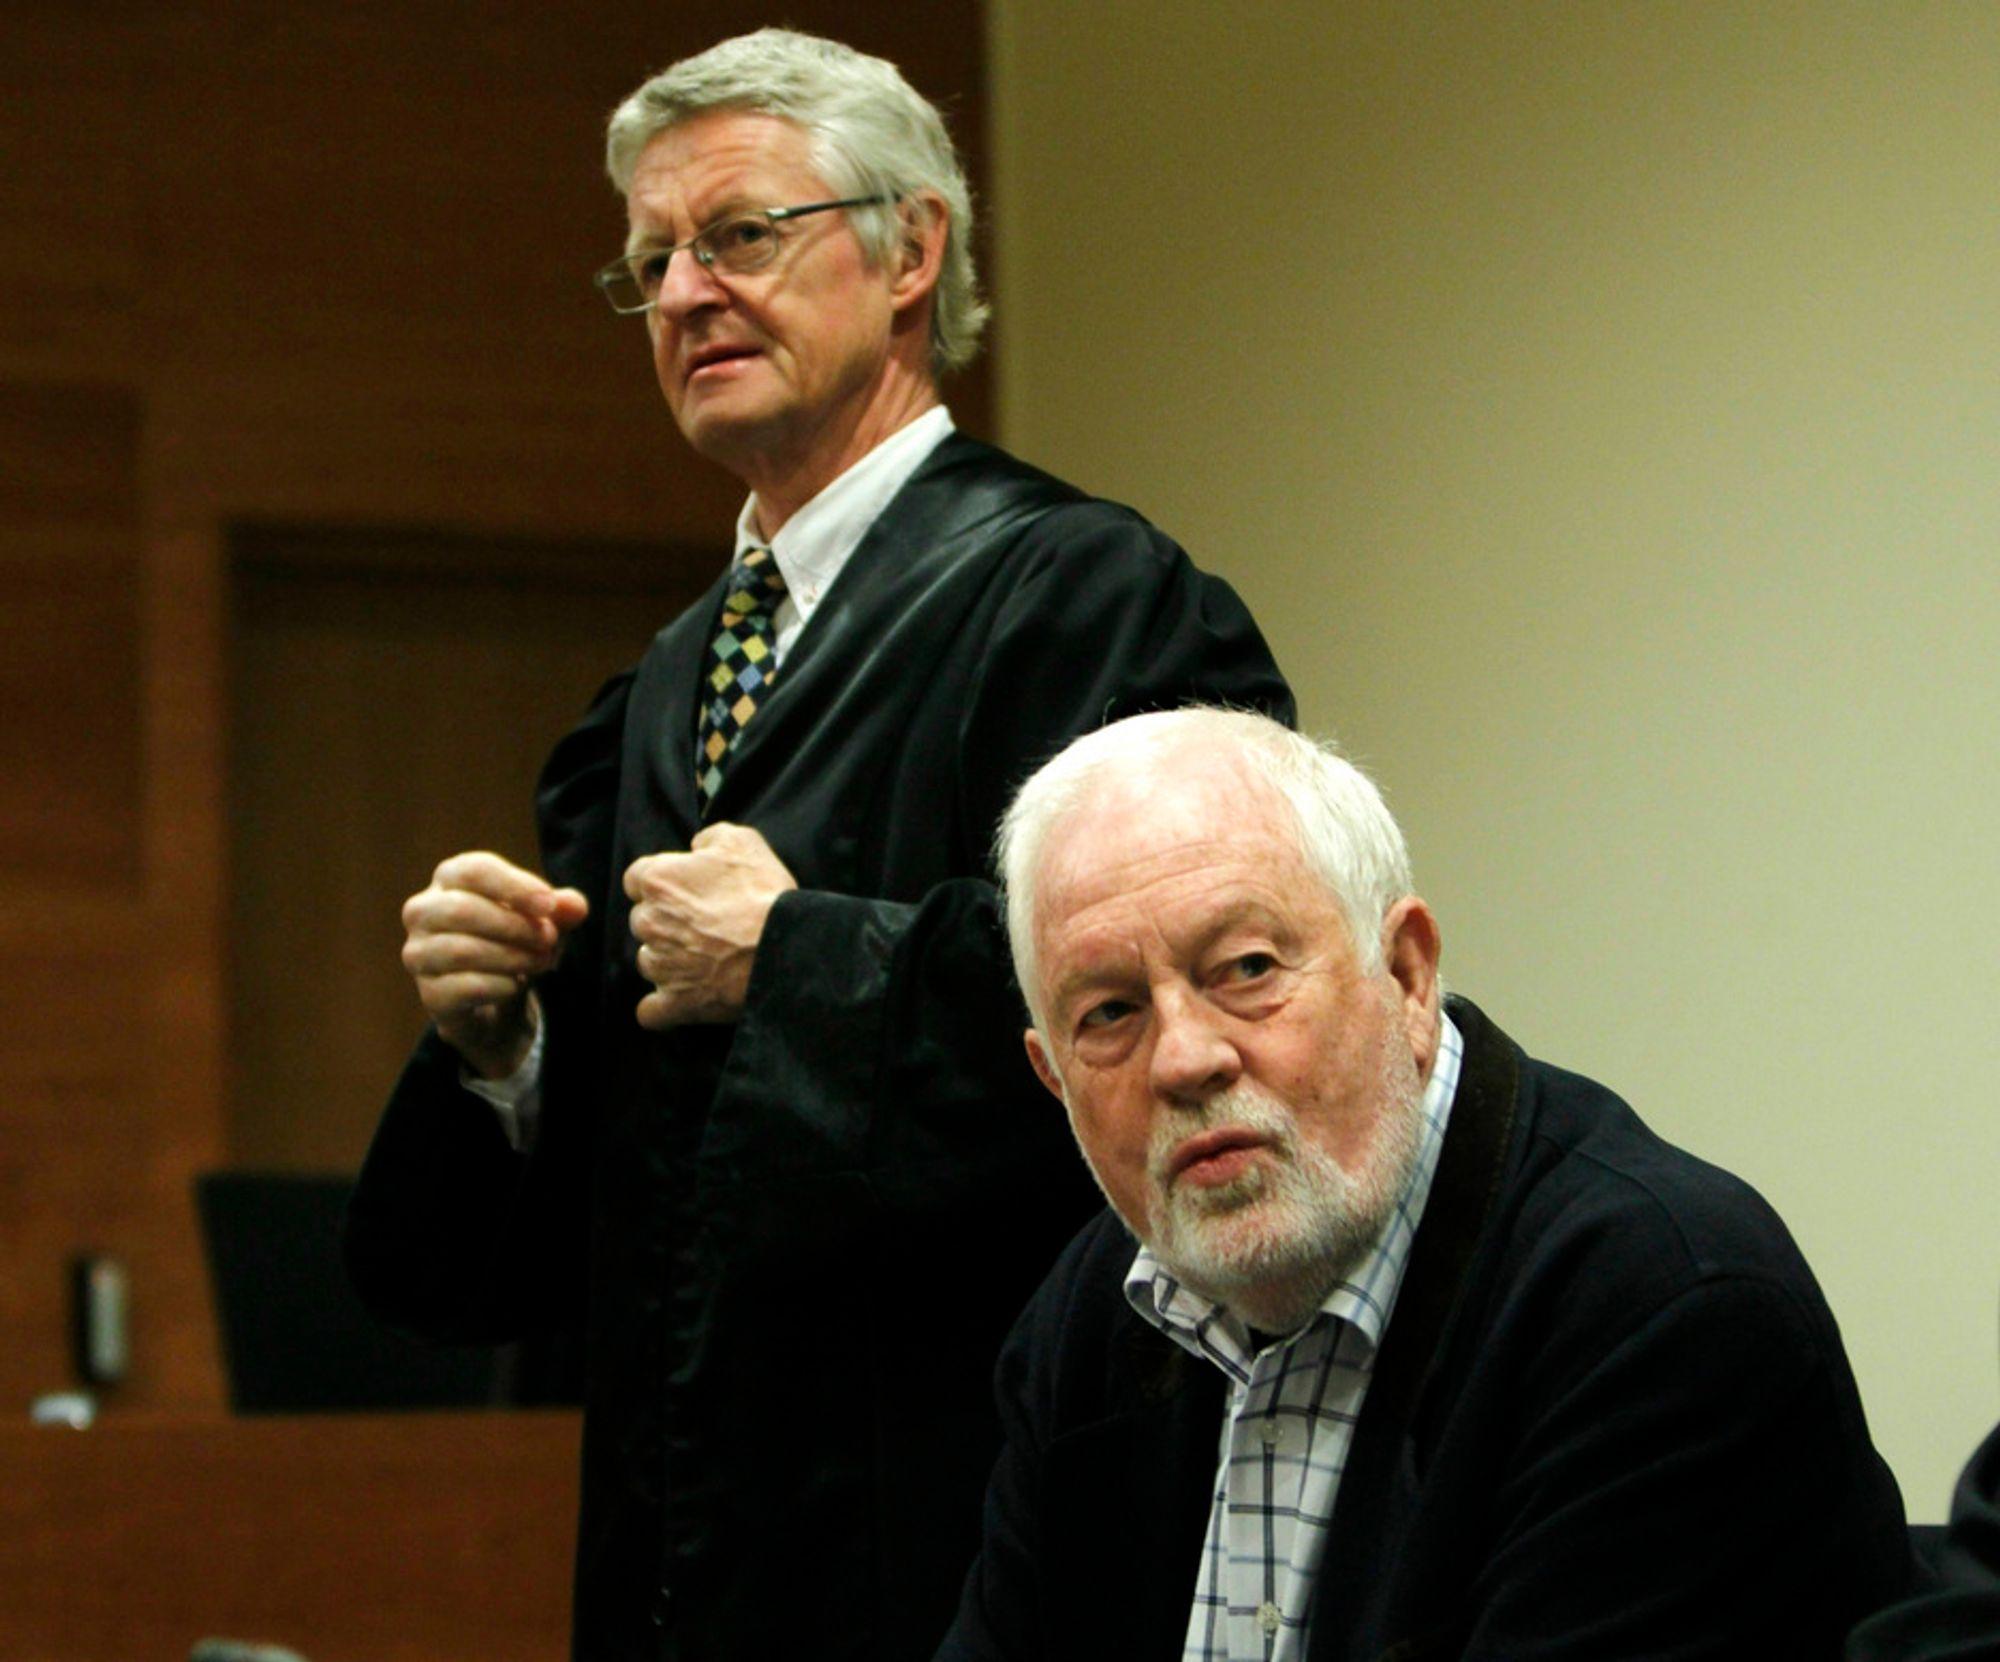 Tidligere vannverkssjef Ivar T. Henriksen og hans forsvarer Harald Stabell (t.v.) i Borgarting lagmannsrett fredag. Henriksen er dømt til fengsel i sju og et halvt år for korrupsjon og økonomisk utroskap.